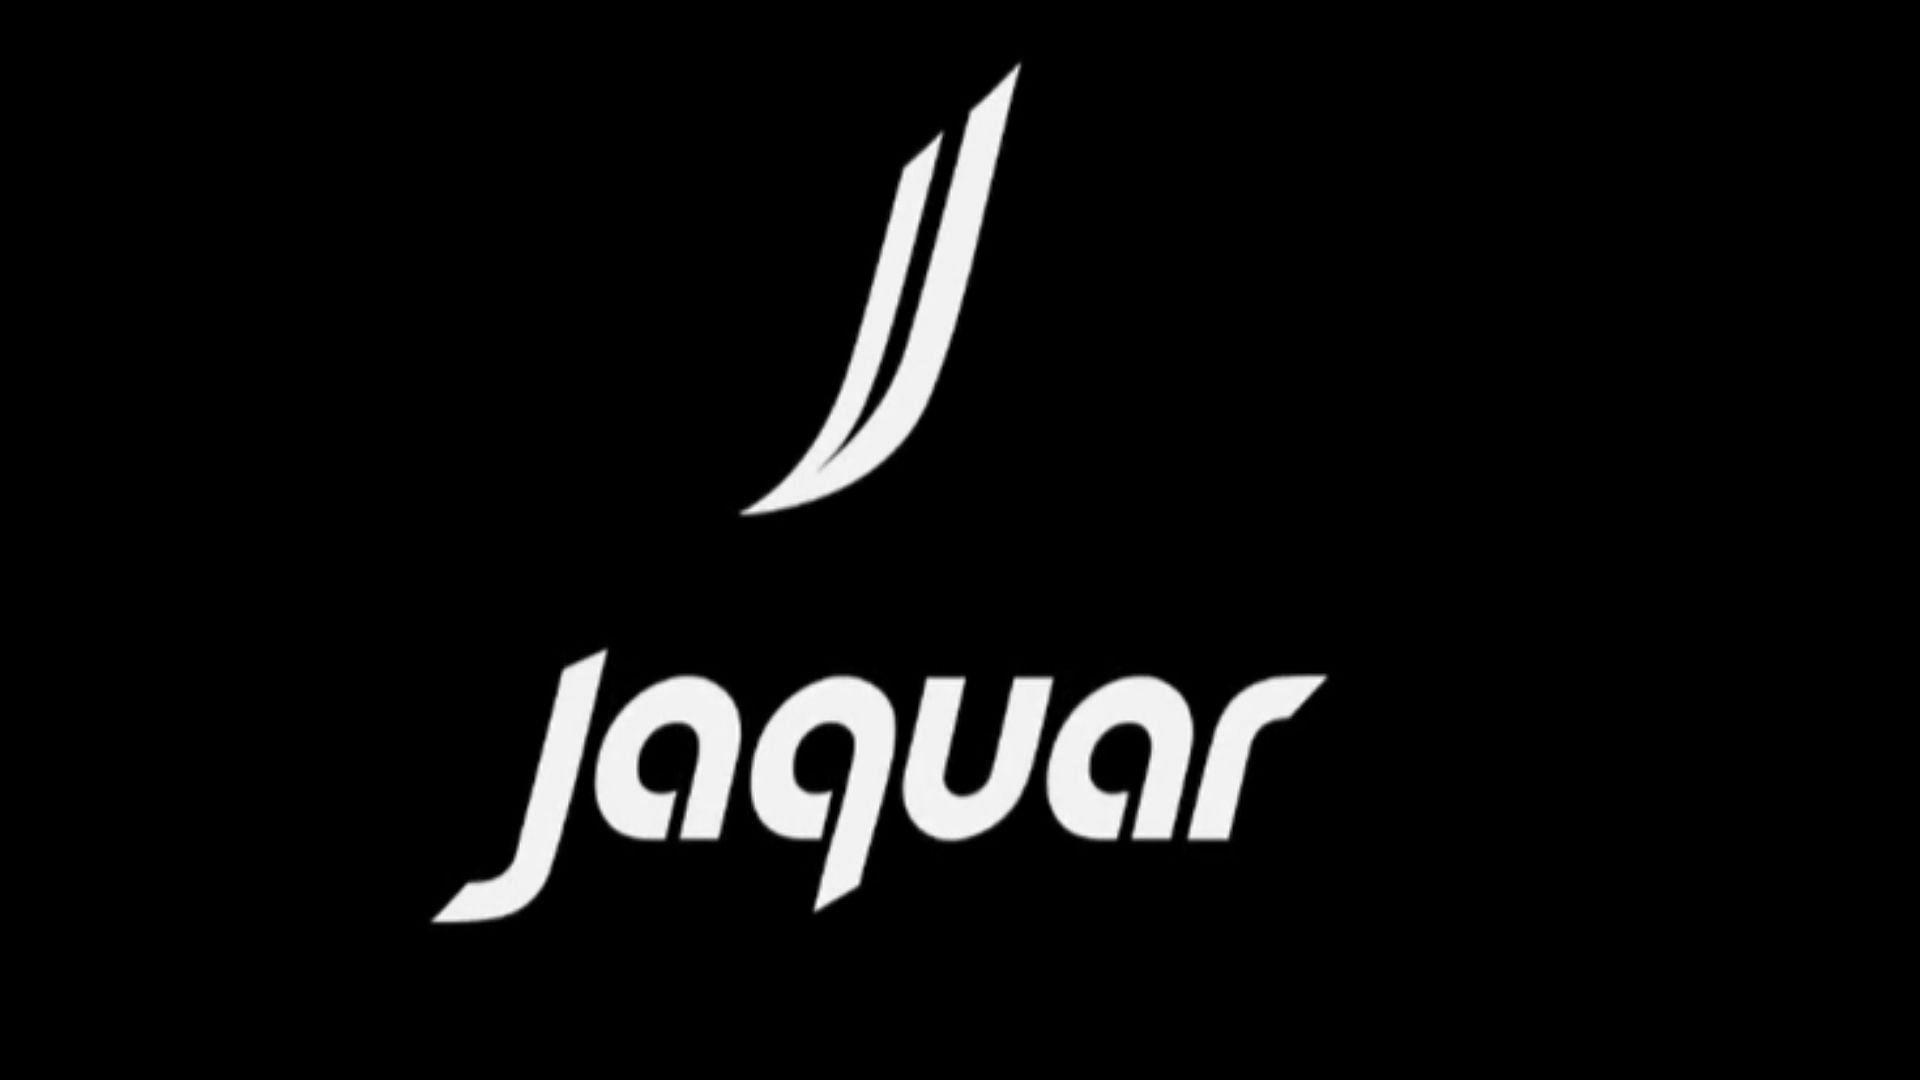 Jaguar?blur=25